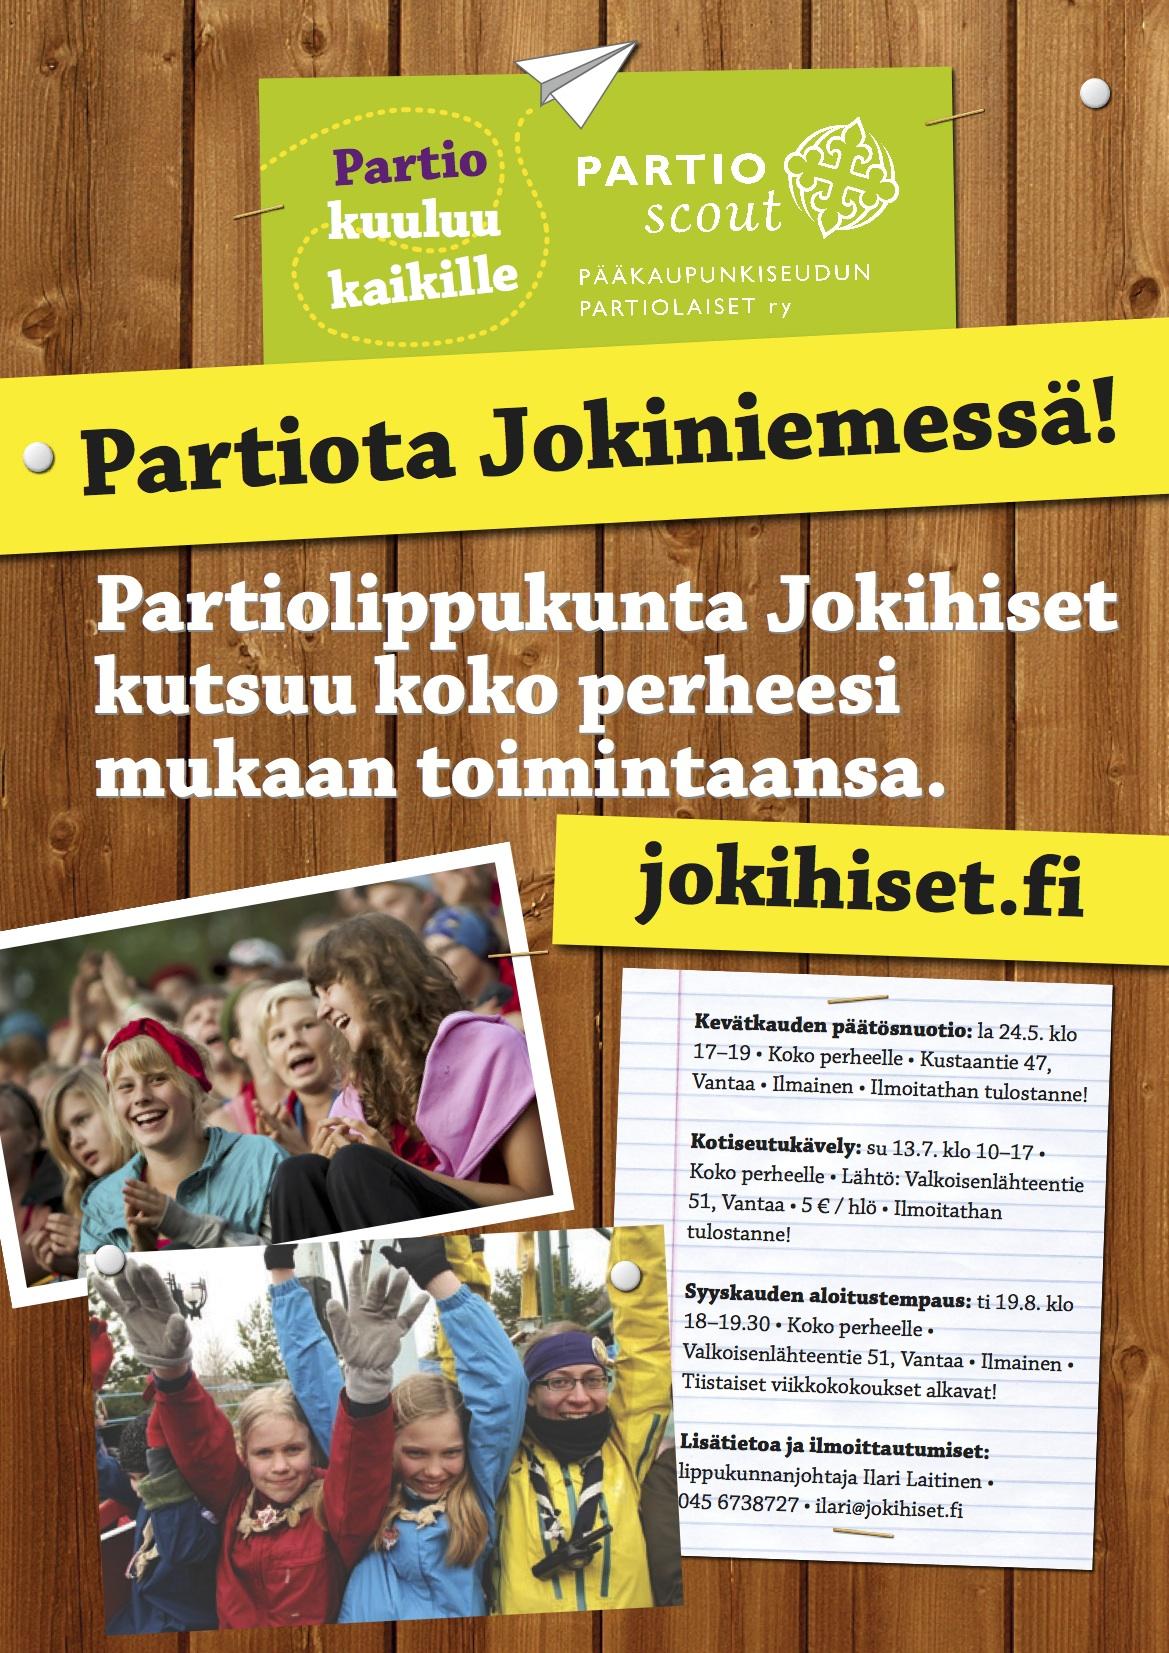 Partiota Jokiniemessä!